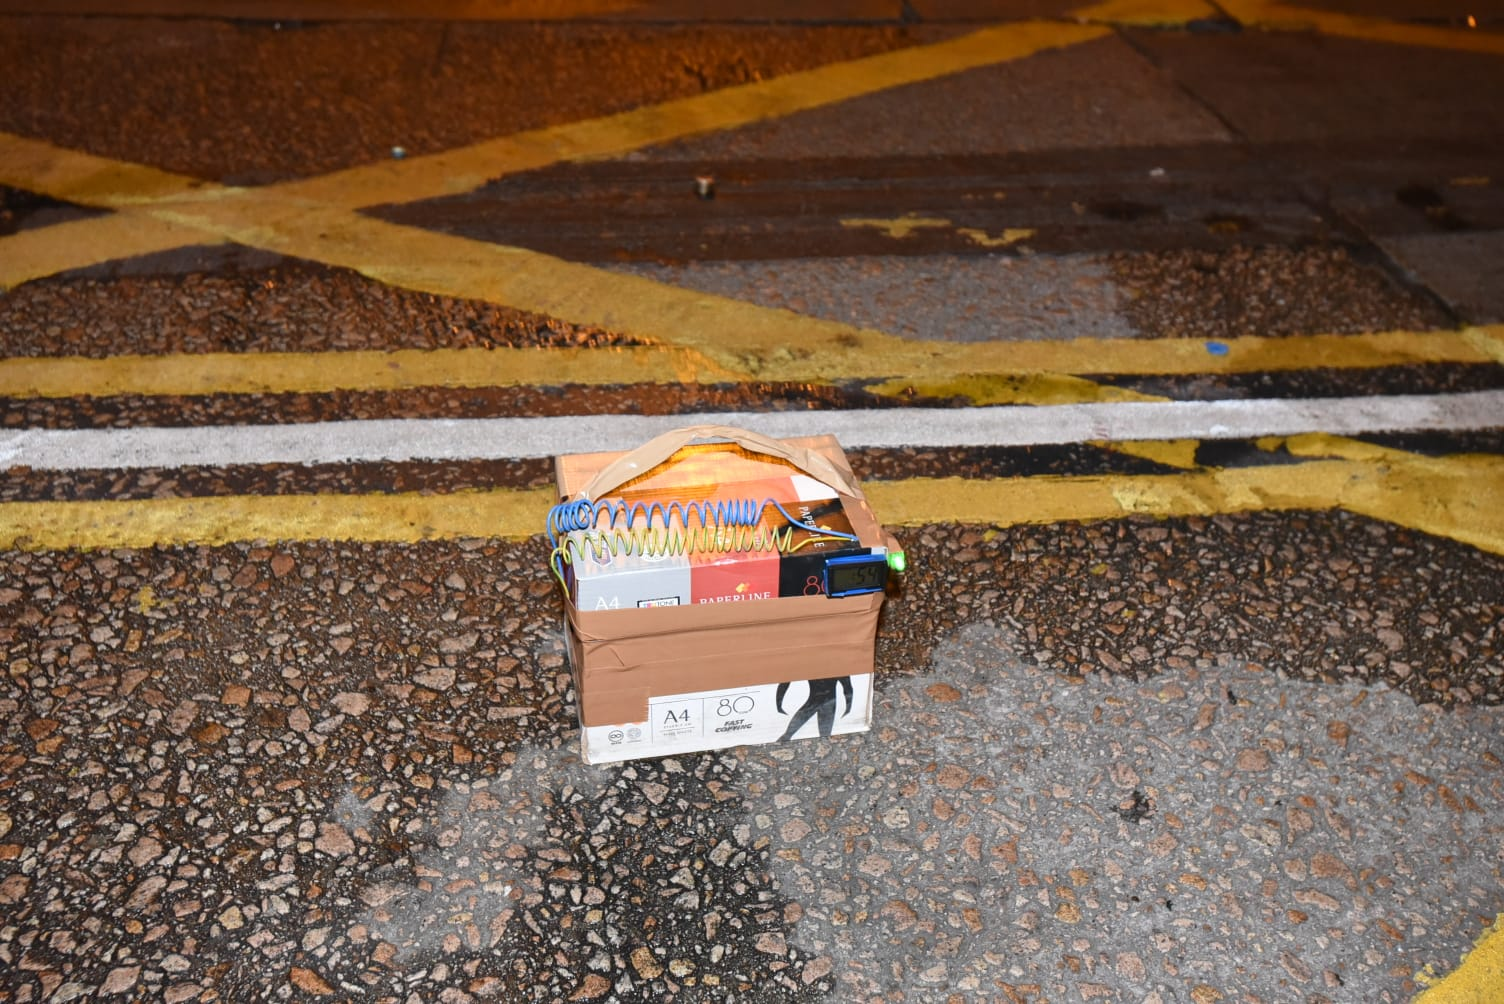 發現的紙盒外面纏上電線及計時器。